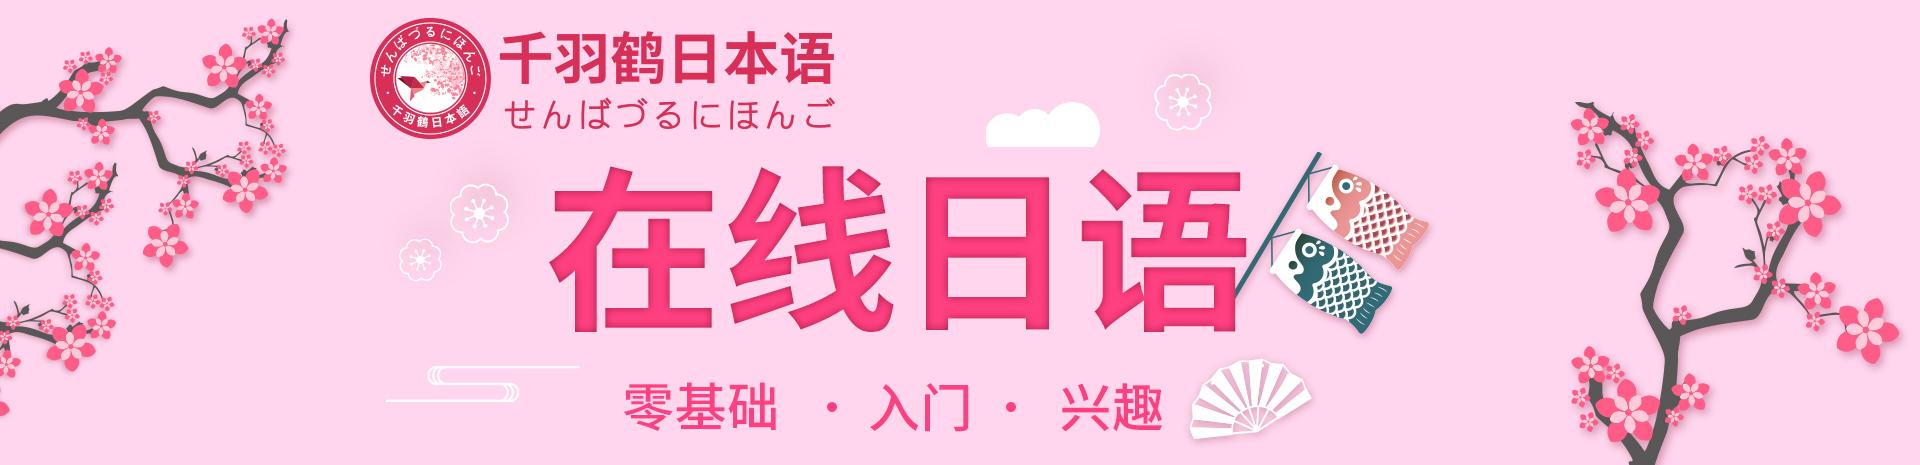 天津千羽鹤日本语